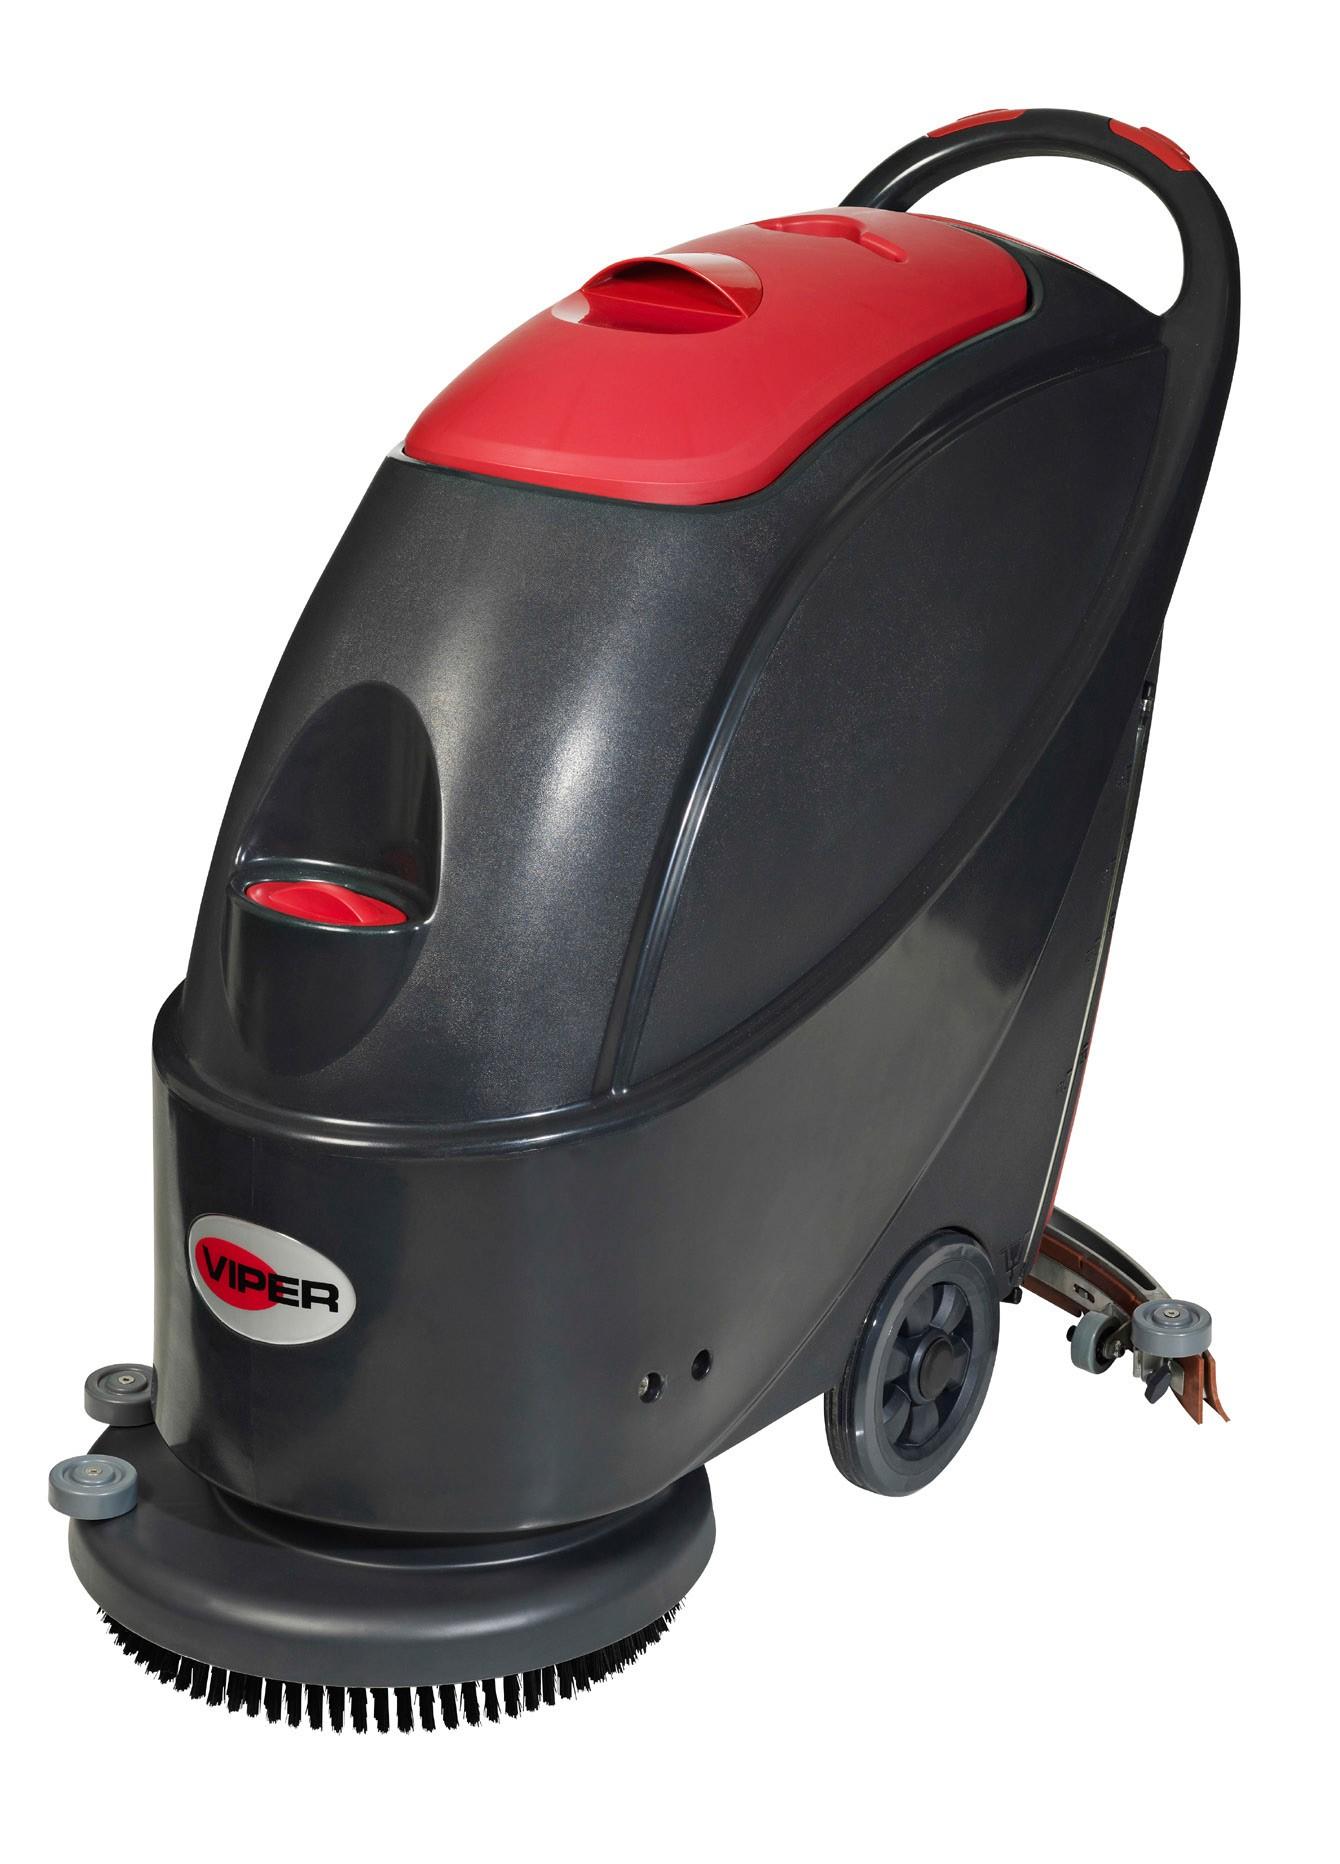 Μηχανή Πλύσης Στέγνωσης VIPER AS430 C